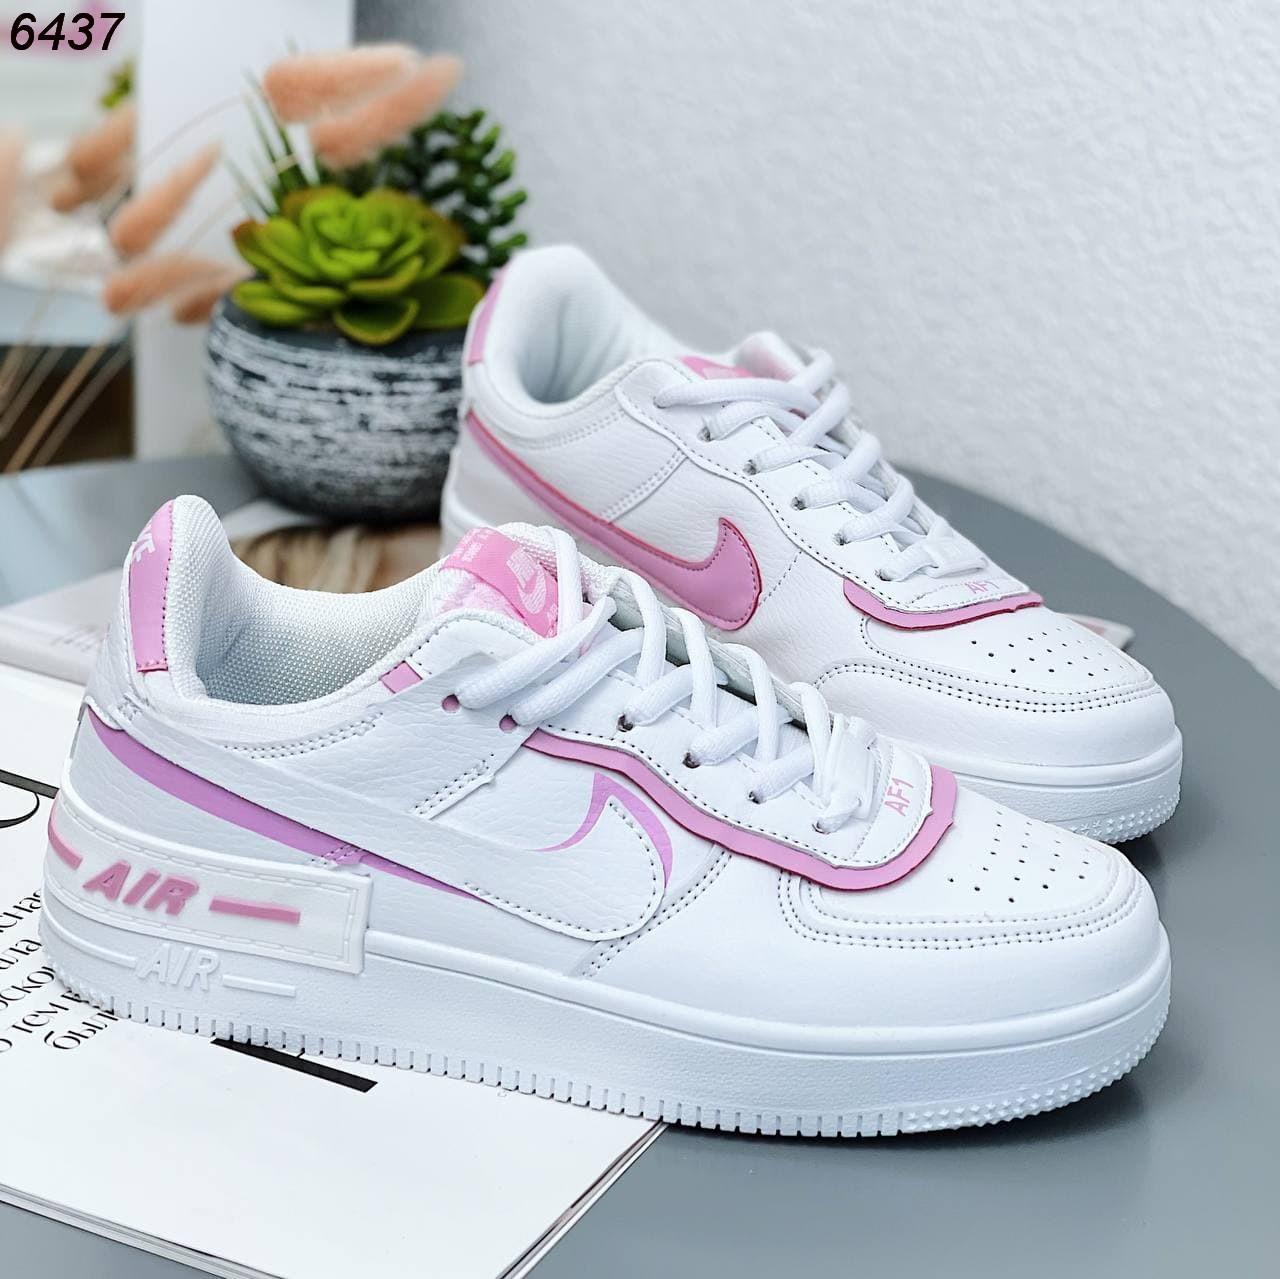 24,5 см Кросівки жіночі білі шкіряні на низькому ходу на підошві з із натуральної шкіри білого кольору